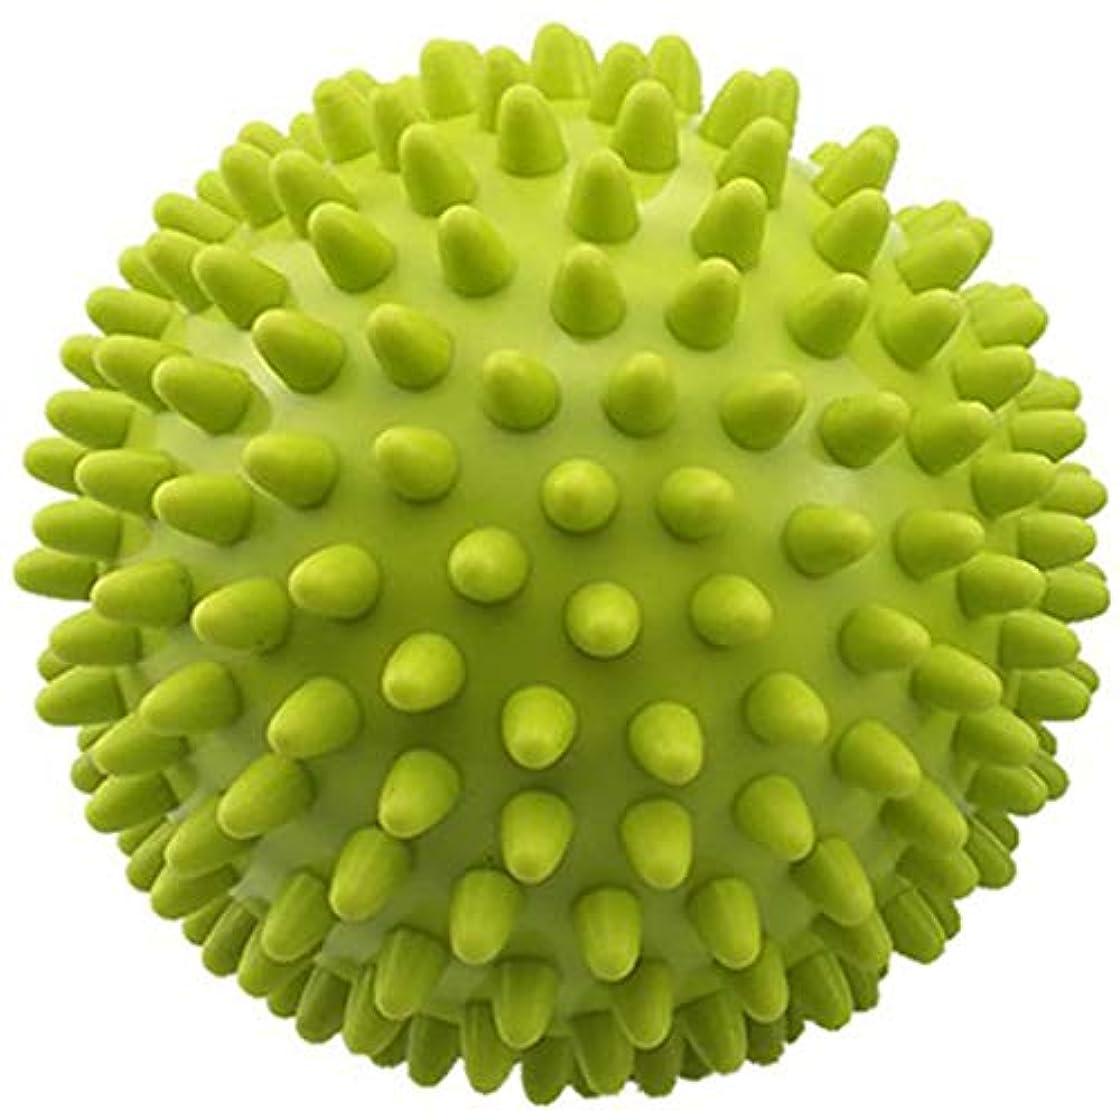 保全に話すいつもHomeland マッサージボール 足つぼマッサージ 指先強化 血液循環促進 グリーン